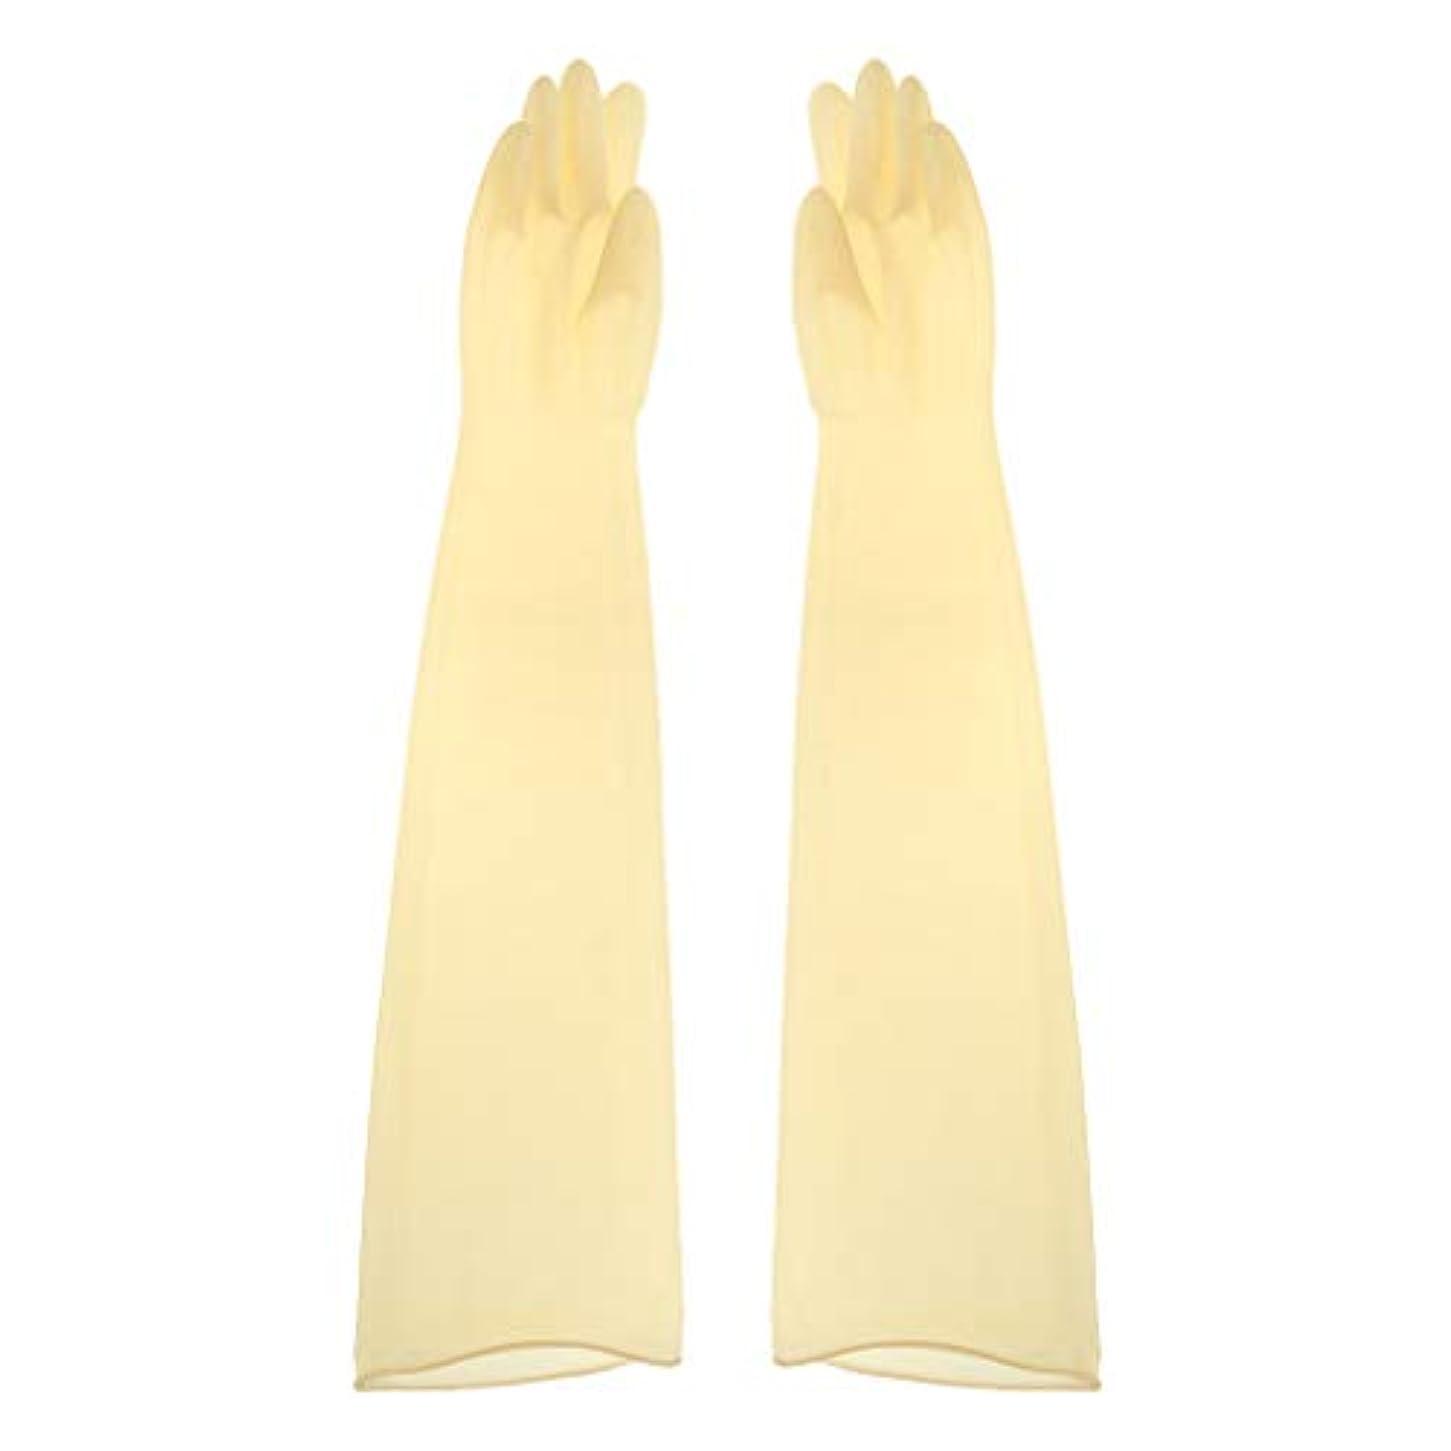 役職どこでも保険をかけるgazechimp ゴム手袋 ロング 70cm 耐薬品性 酸?アルカリに強い手袋 ラテックス手袋 1ペア - 700x160x0.8mm